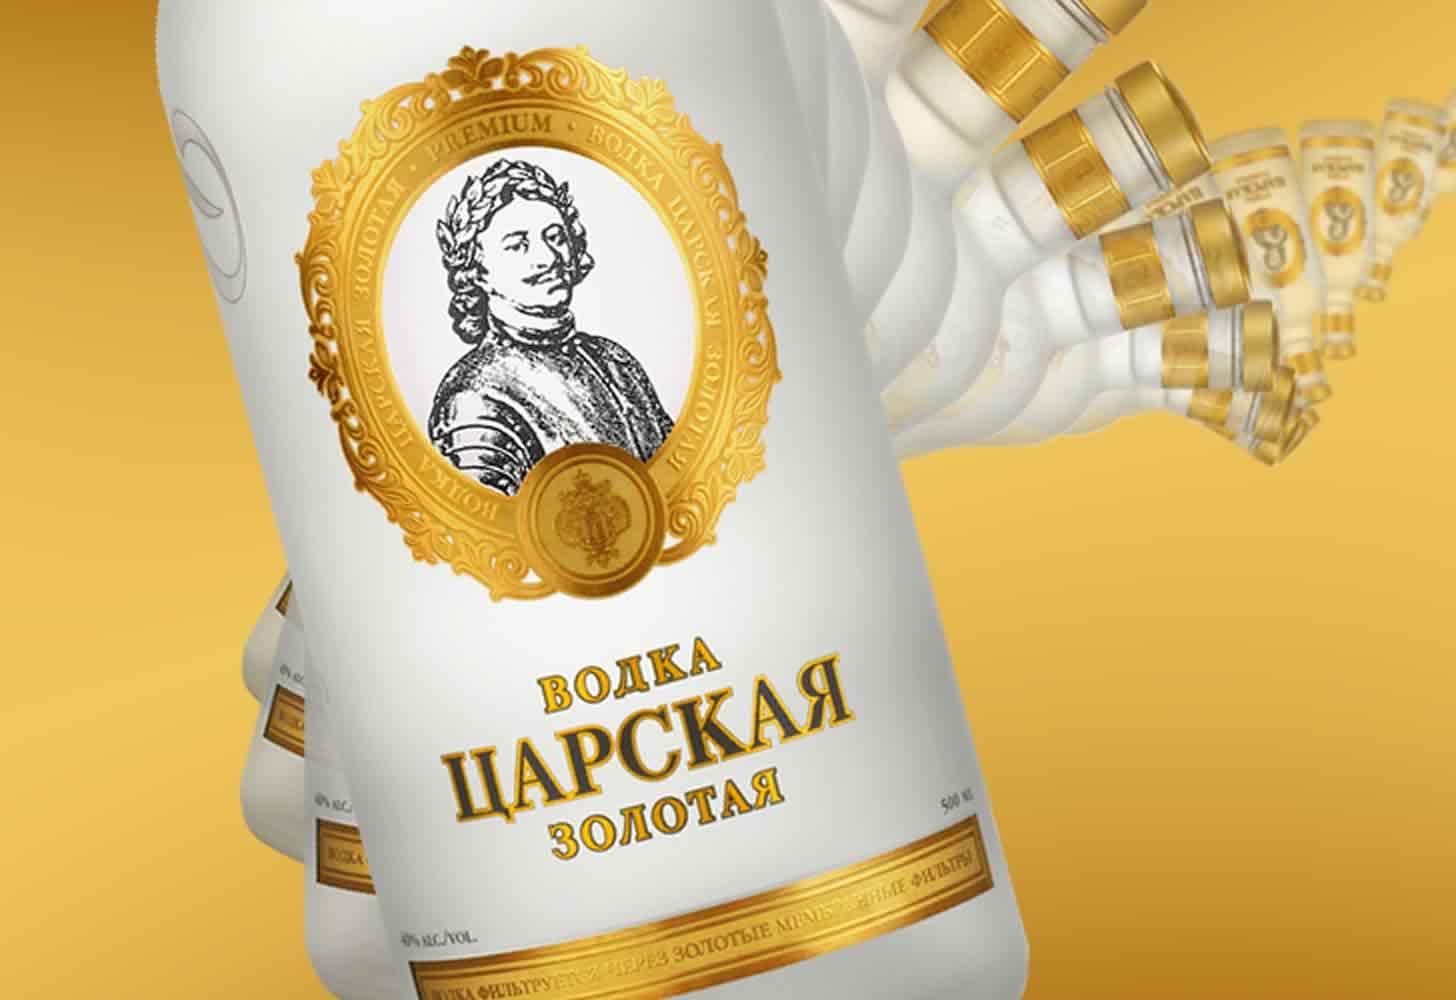 Как и где потребителями используется царская водка: факты, история, применение